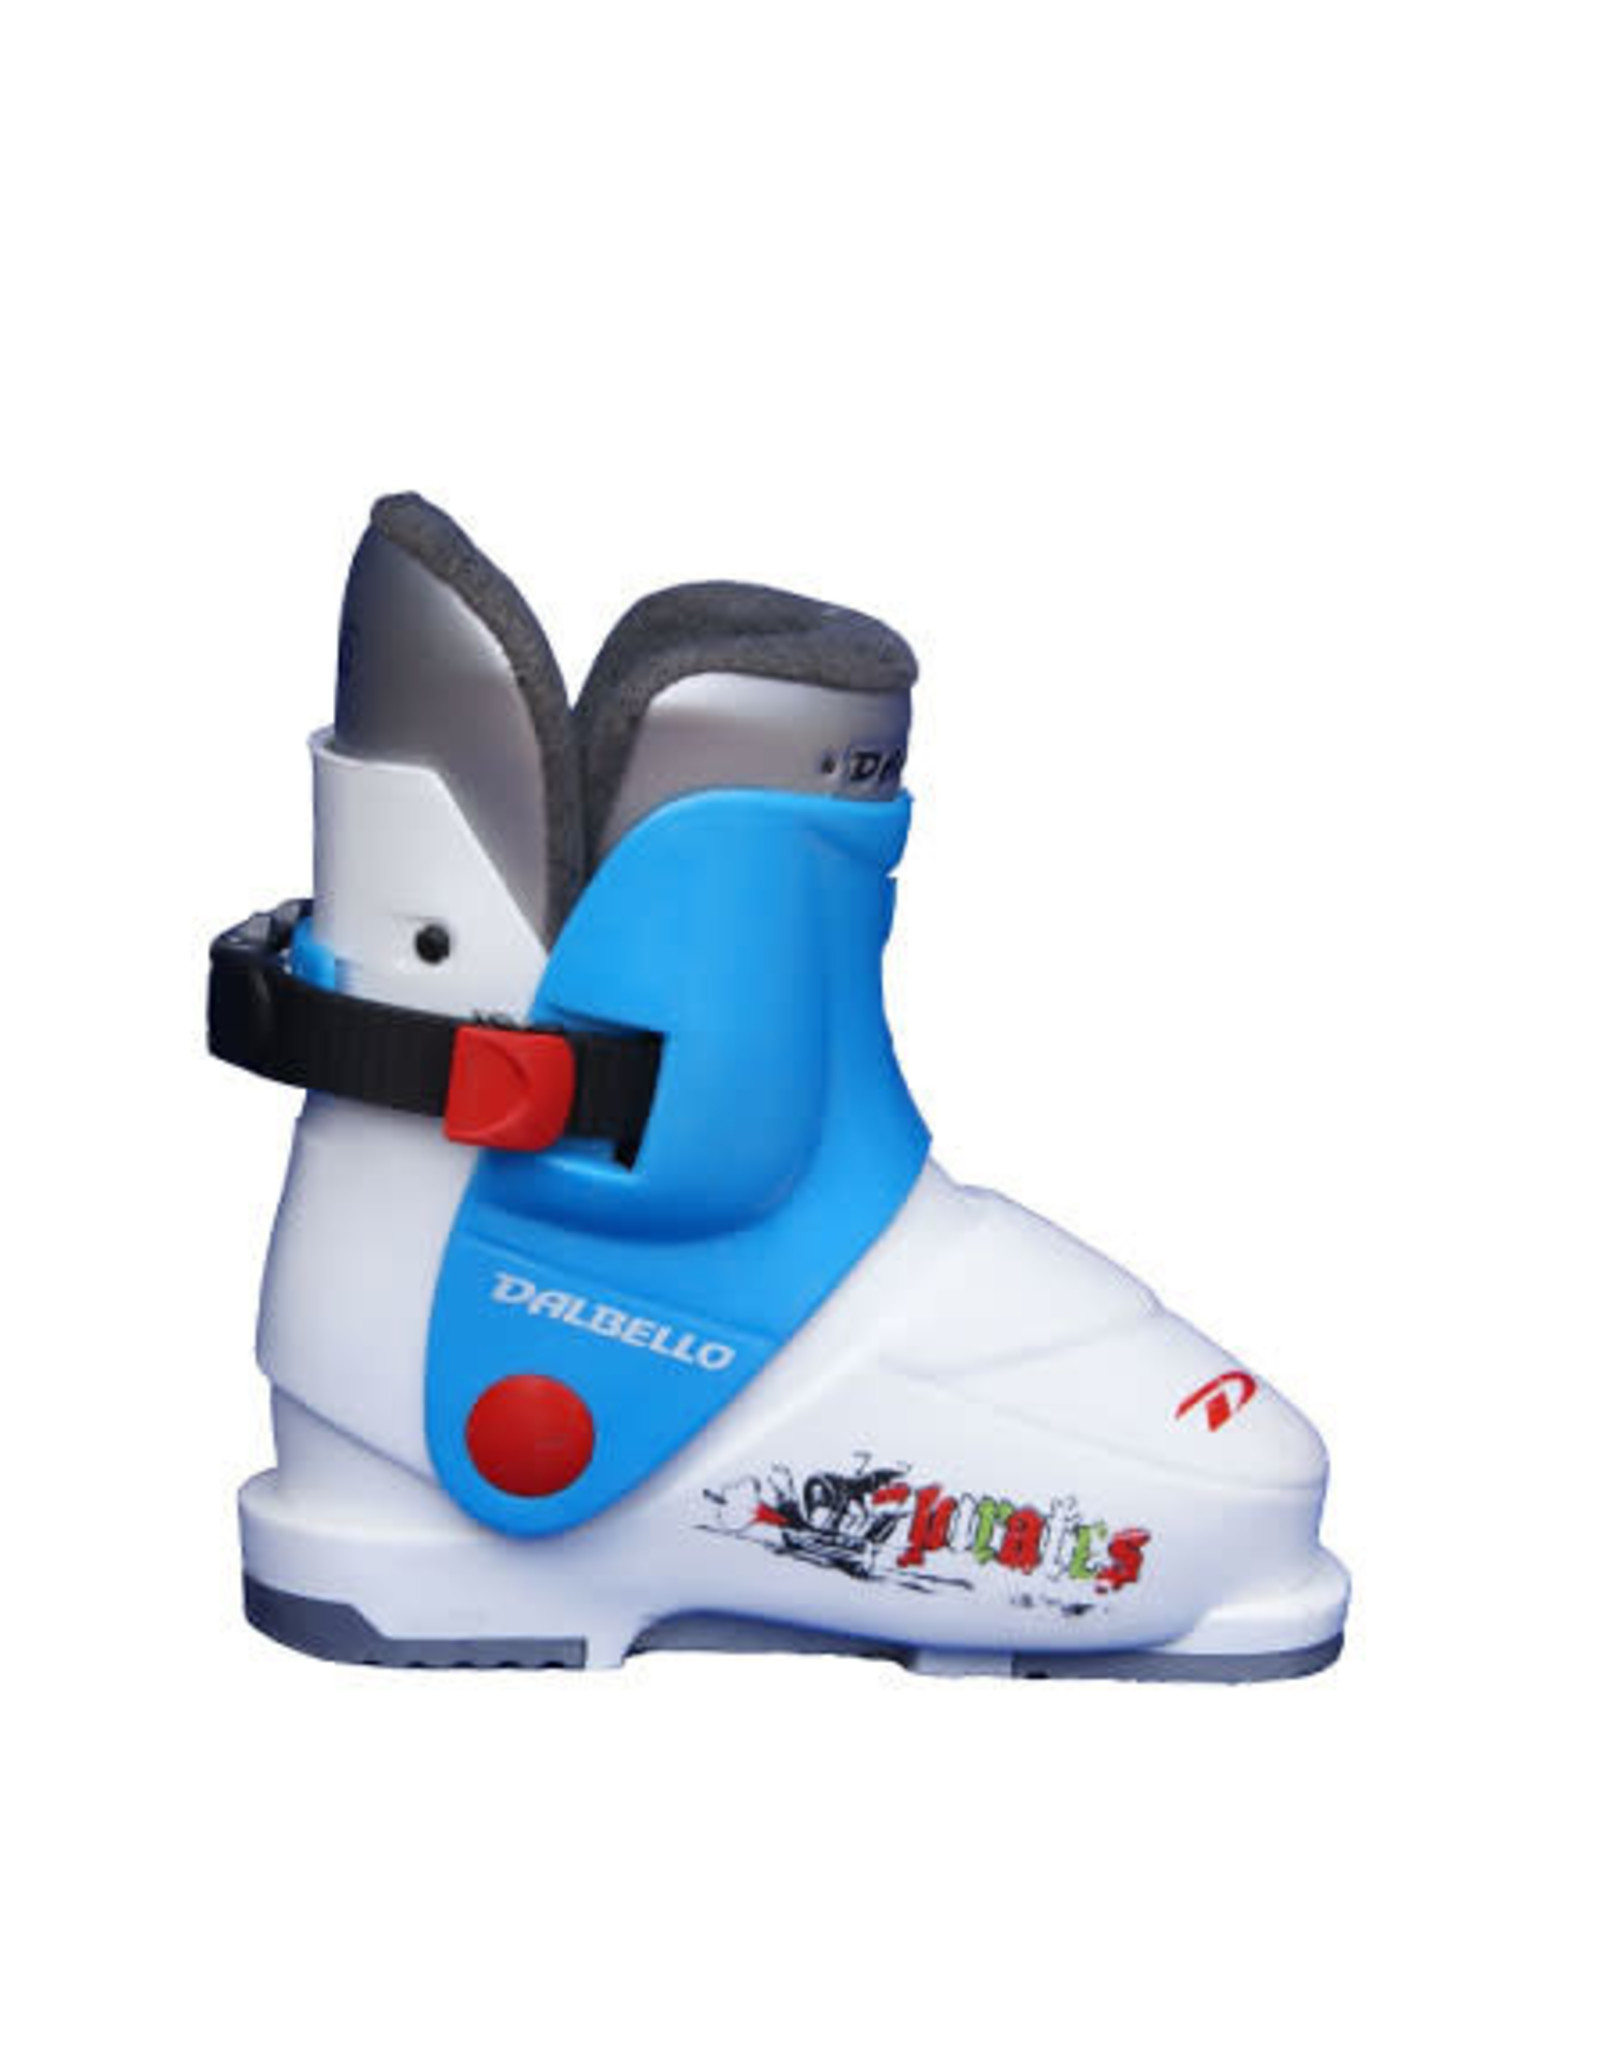 DALBELLO Skischoenen DALBELLO Pirates (blw/wit) Gebruikt 26 (mondo 16.5)